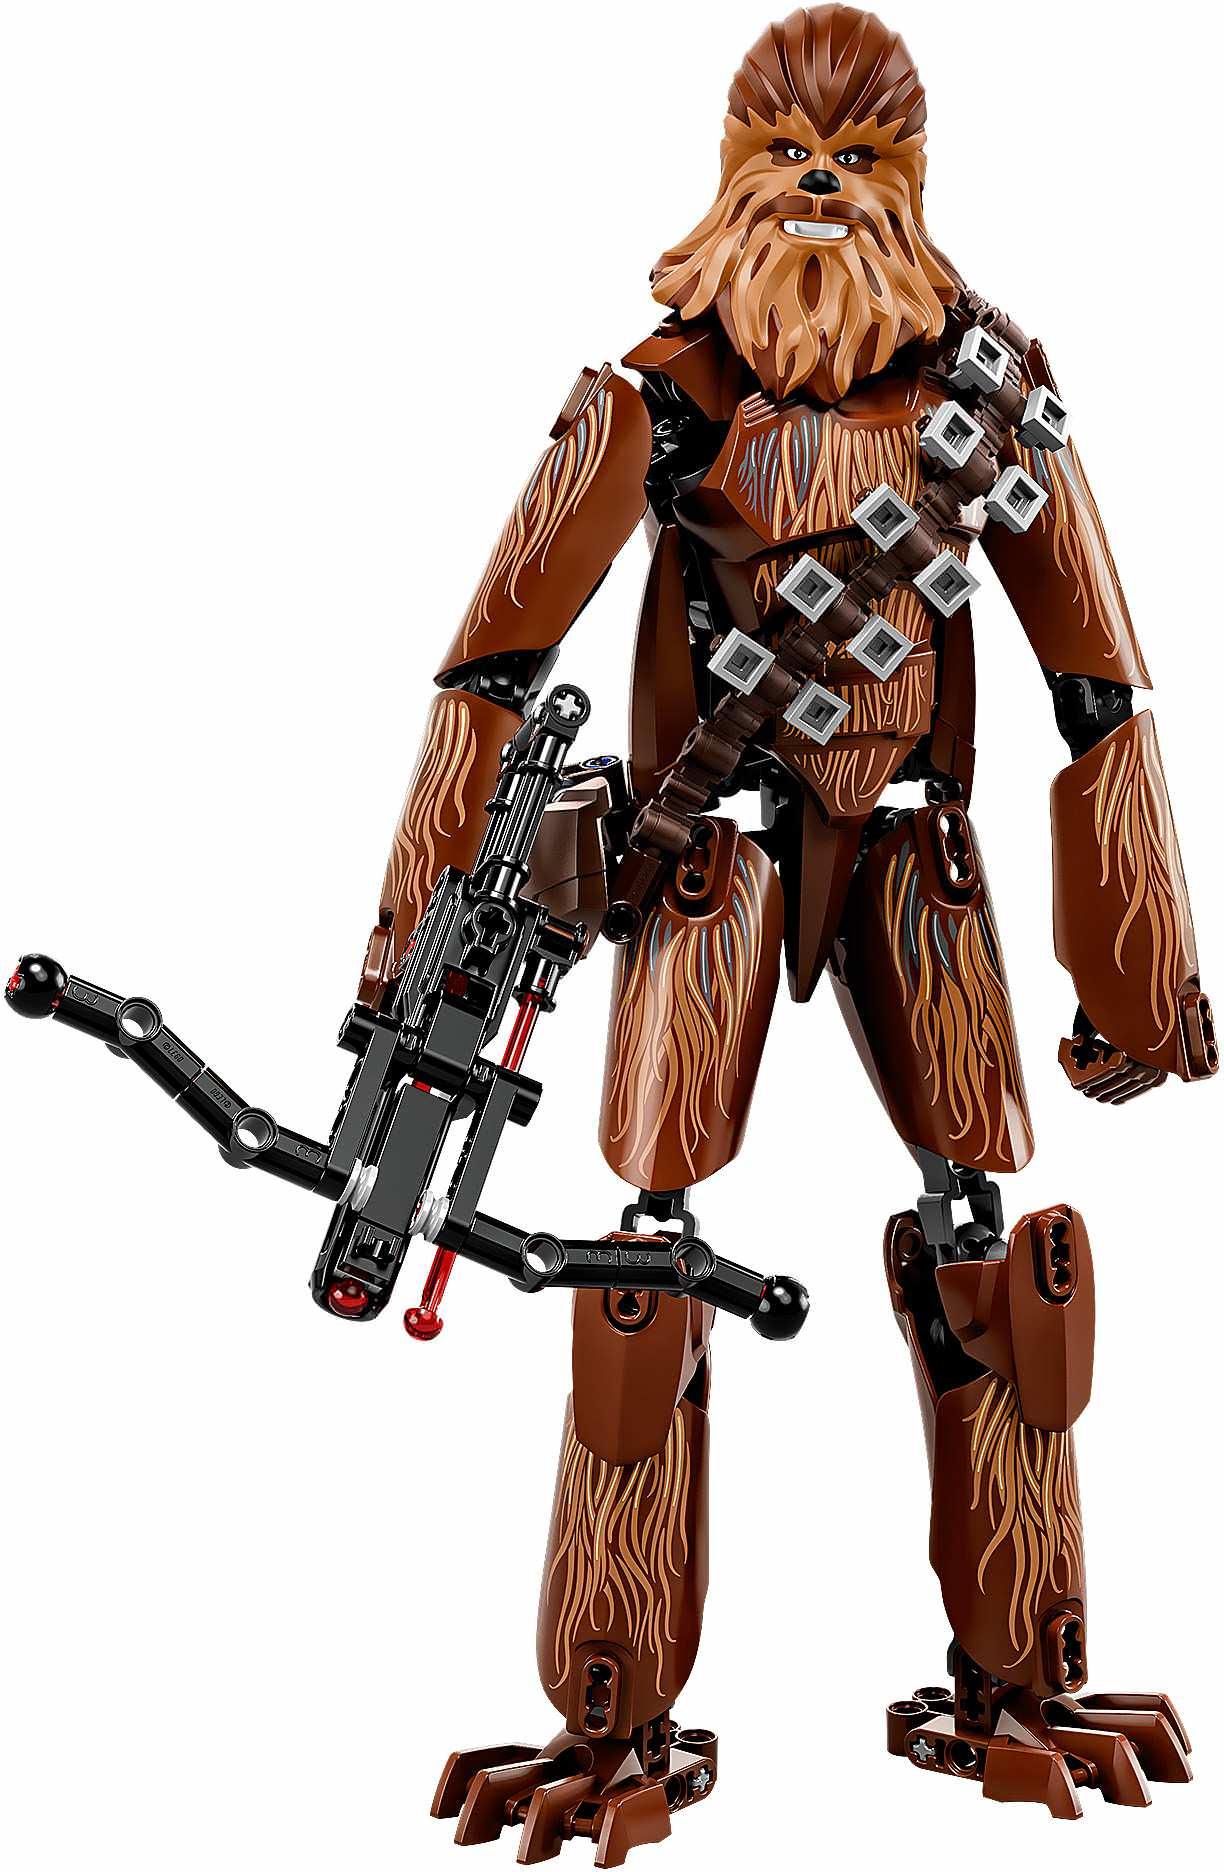 [Produits] Figurines Star Wars de l'automne 2017 : découvrez les images ! Kq92tv10